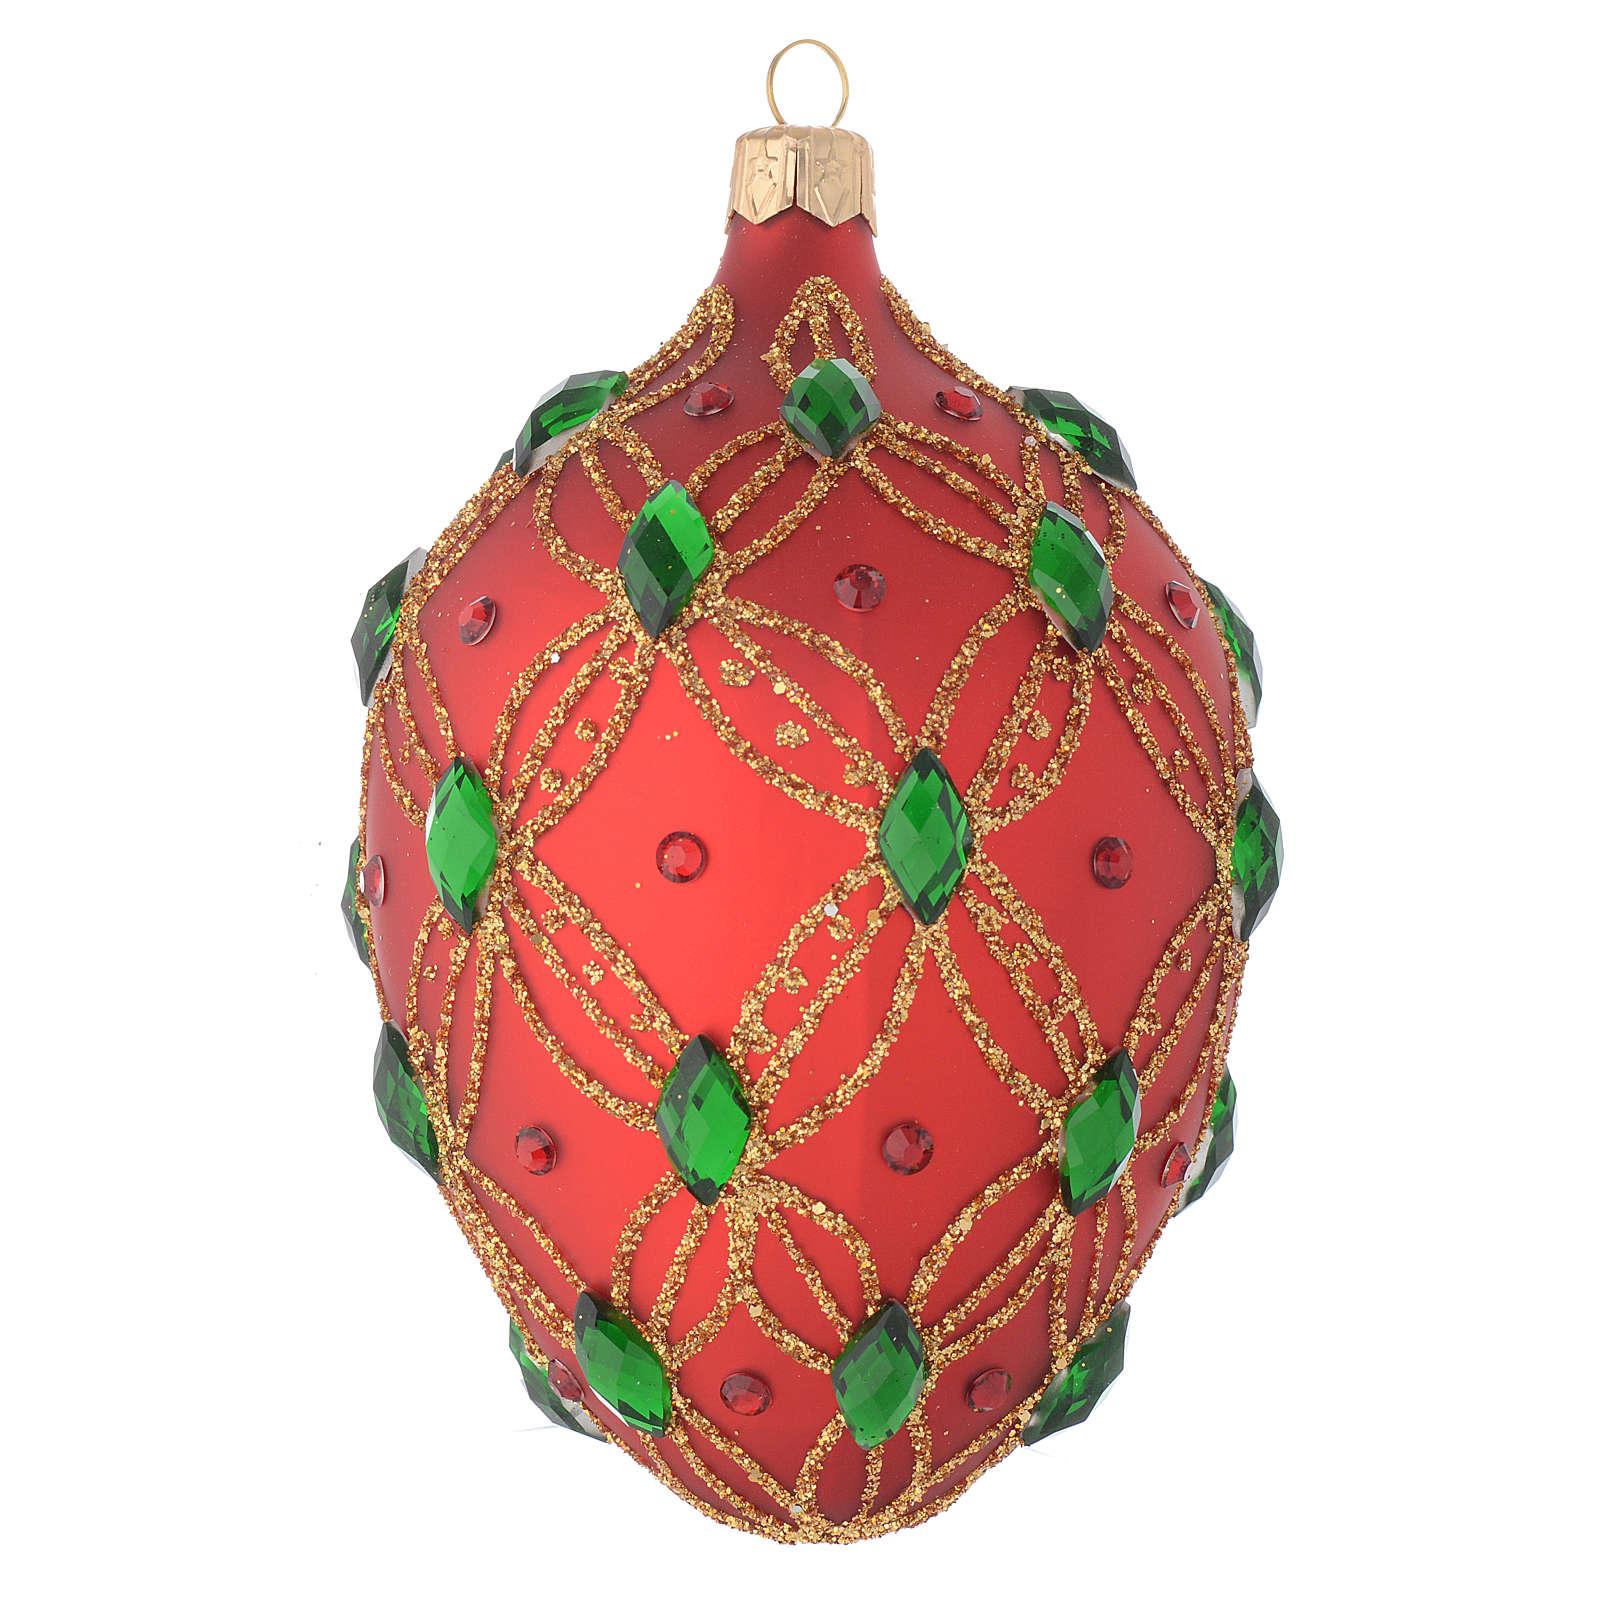 Bola de Navidad oval de vidrio soplado rojo y piedras verdes 130 mm 4